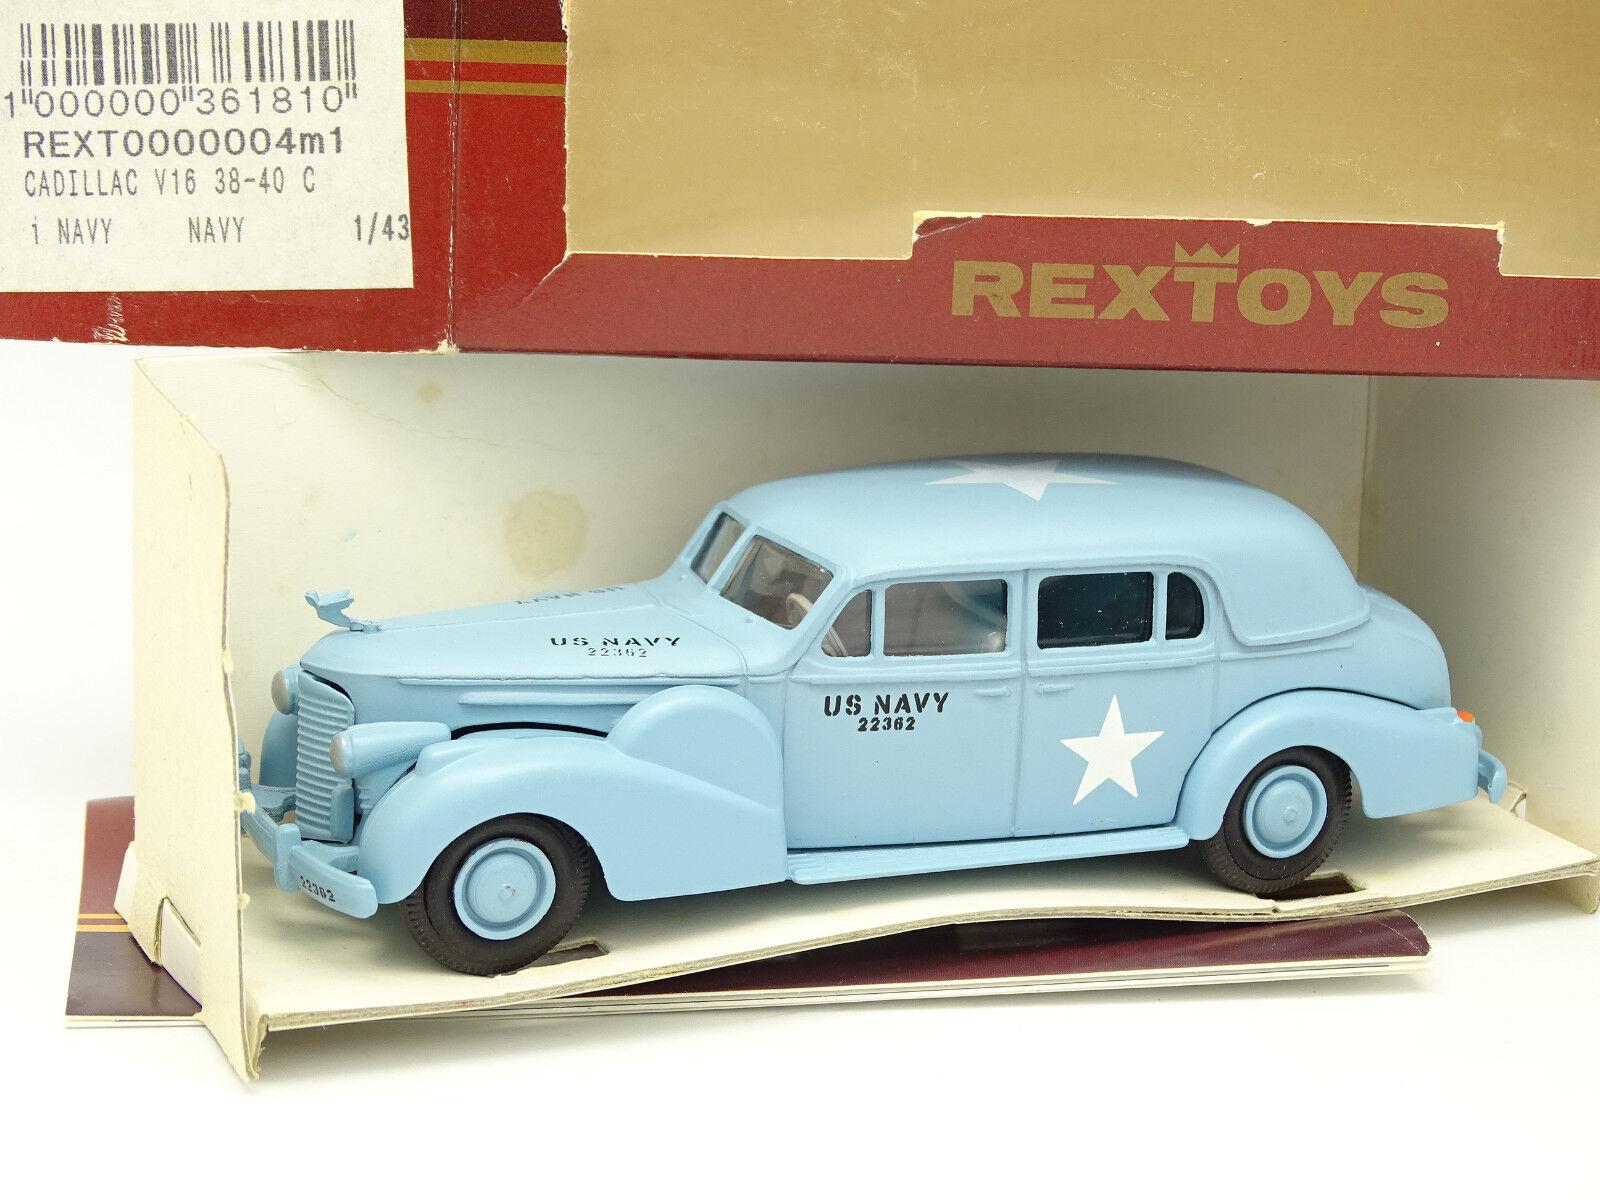 RexToys 1 43 - Cadillac V16 1940 US Navy Militaire (b)